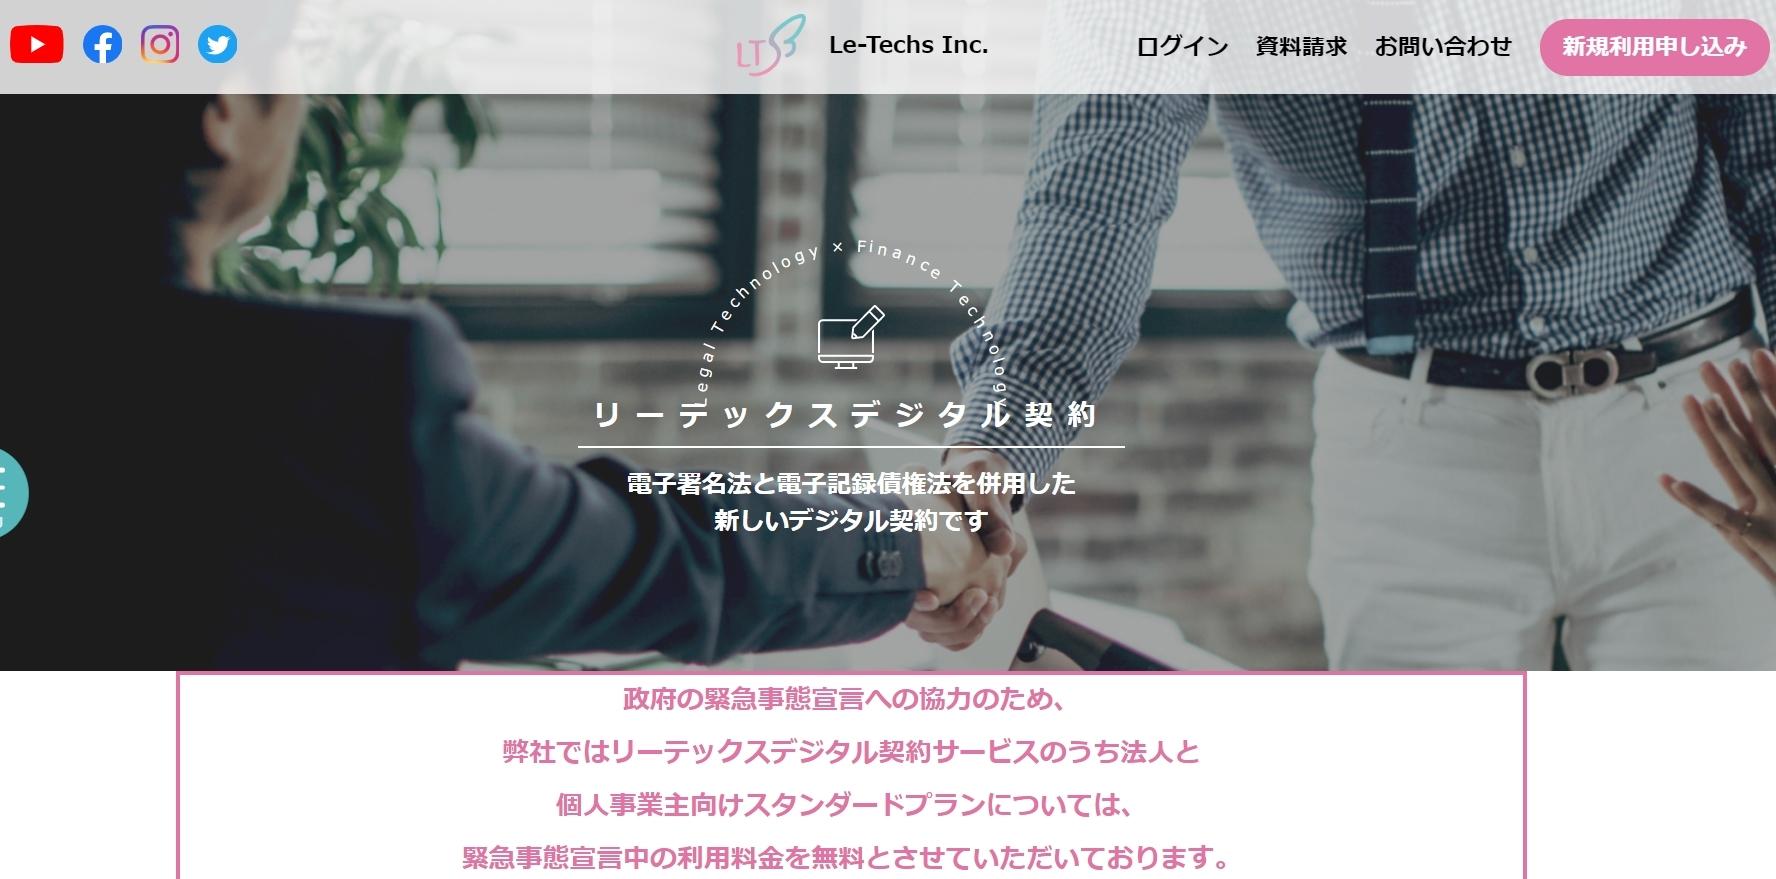 リーテックスデジタル契約_公式Webサイト